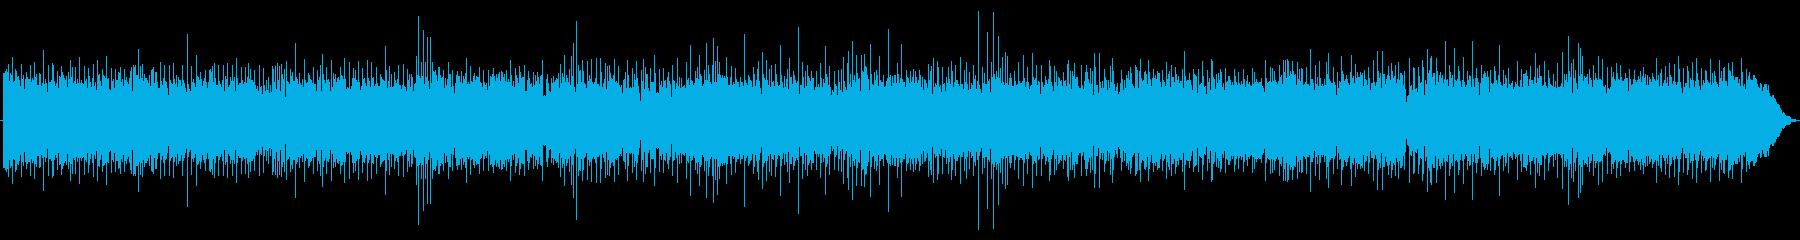 ストレートなロックの再生済みの波形